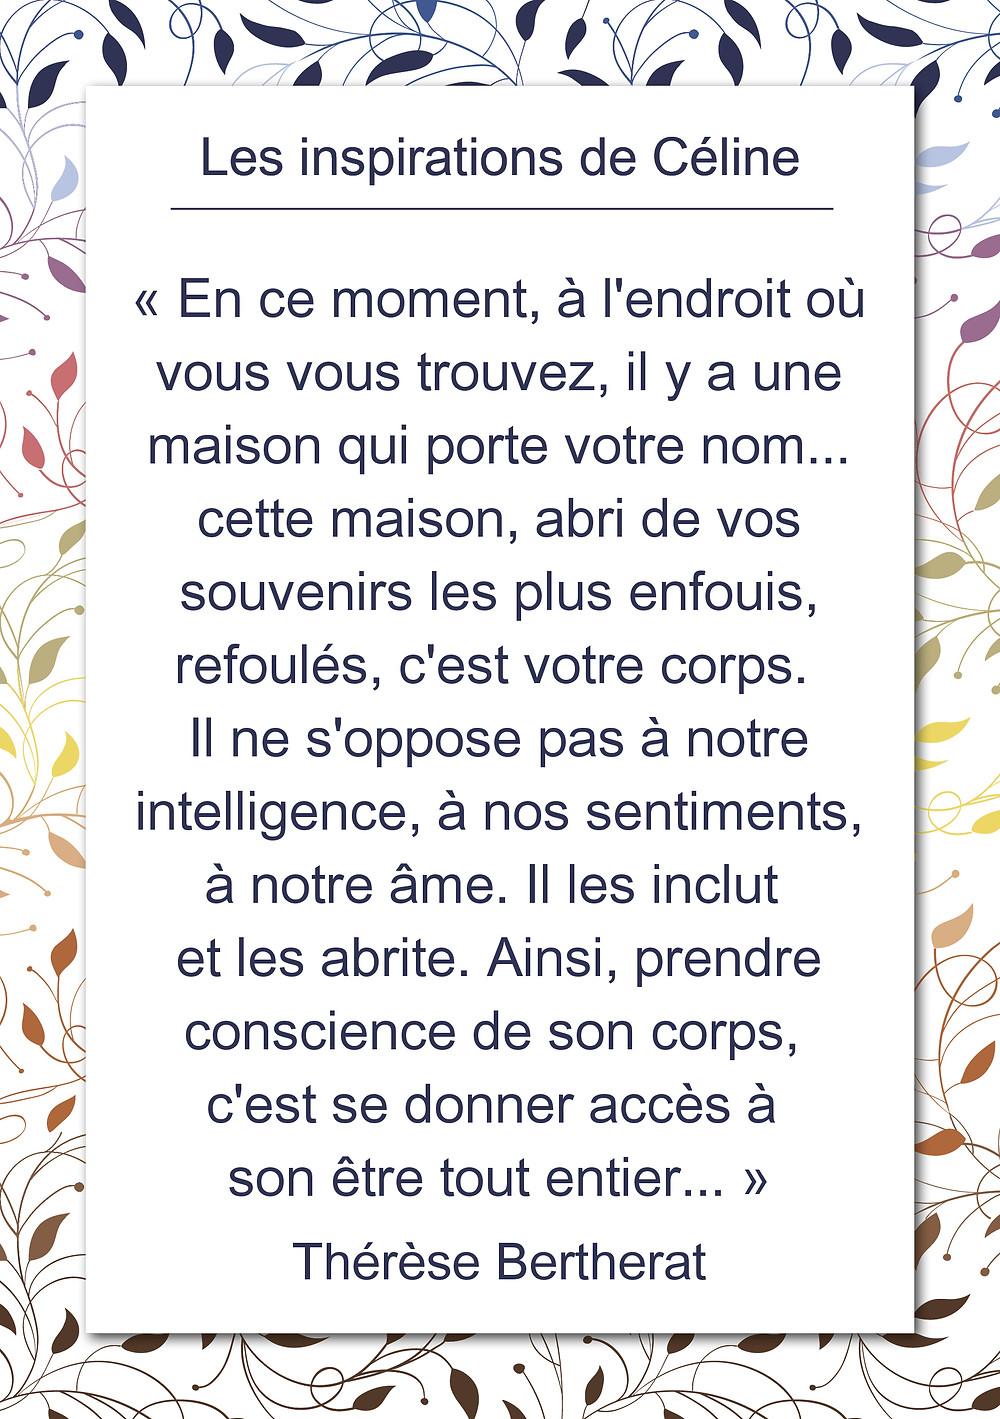 Les inspirations de Céline Kempf, citation de Thérèse Bertherat sur la conscience du corps.